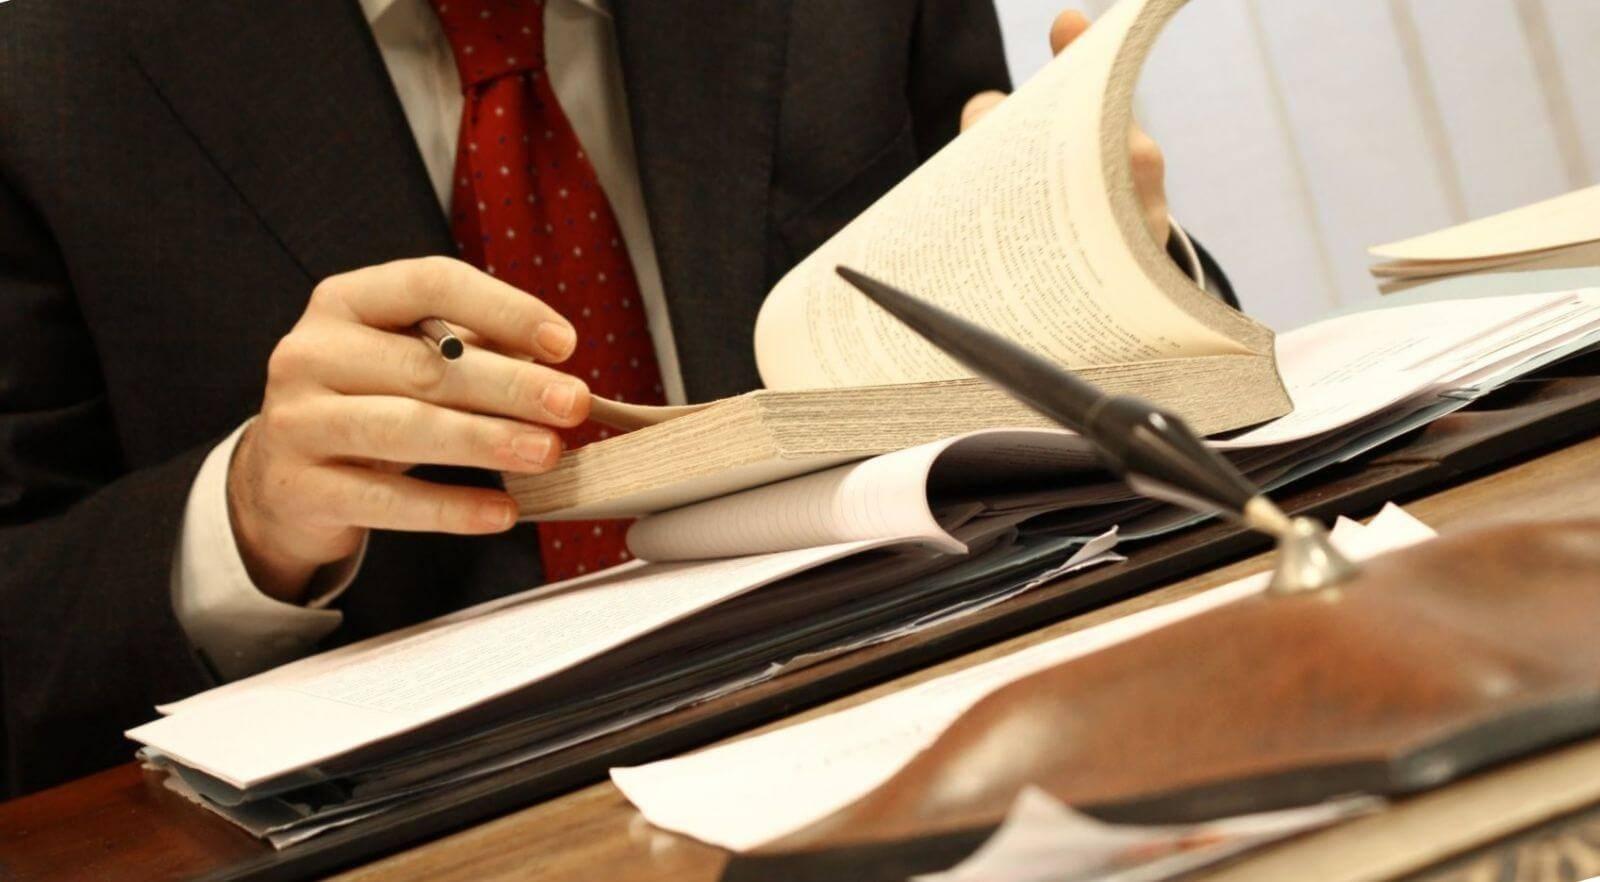 Договор купли-продажи гаража с земельным участком под ним: образец документа, как правильно составить, какие пункты должен включать, а также требуется ли заверение